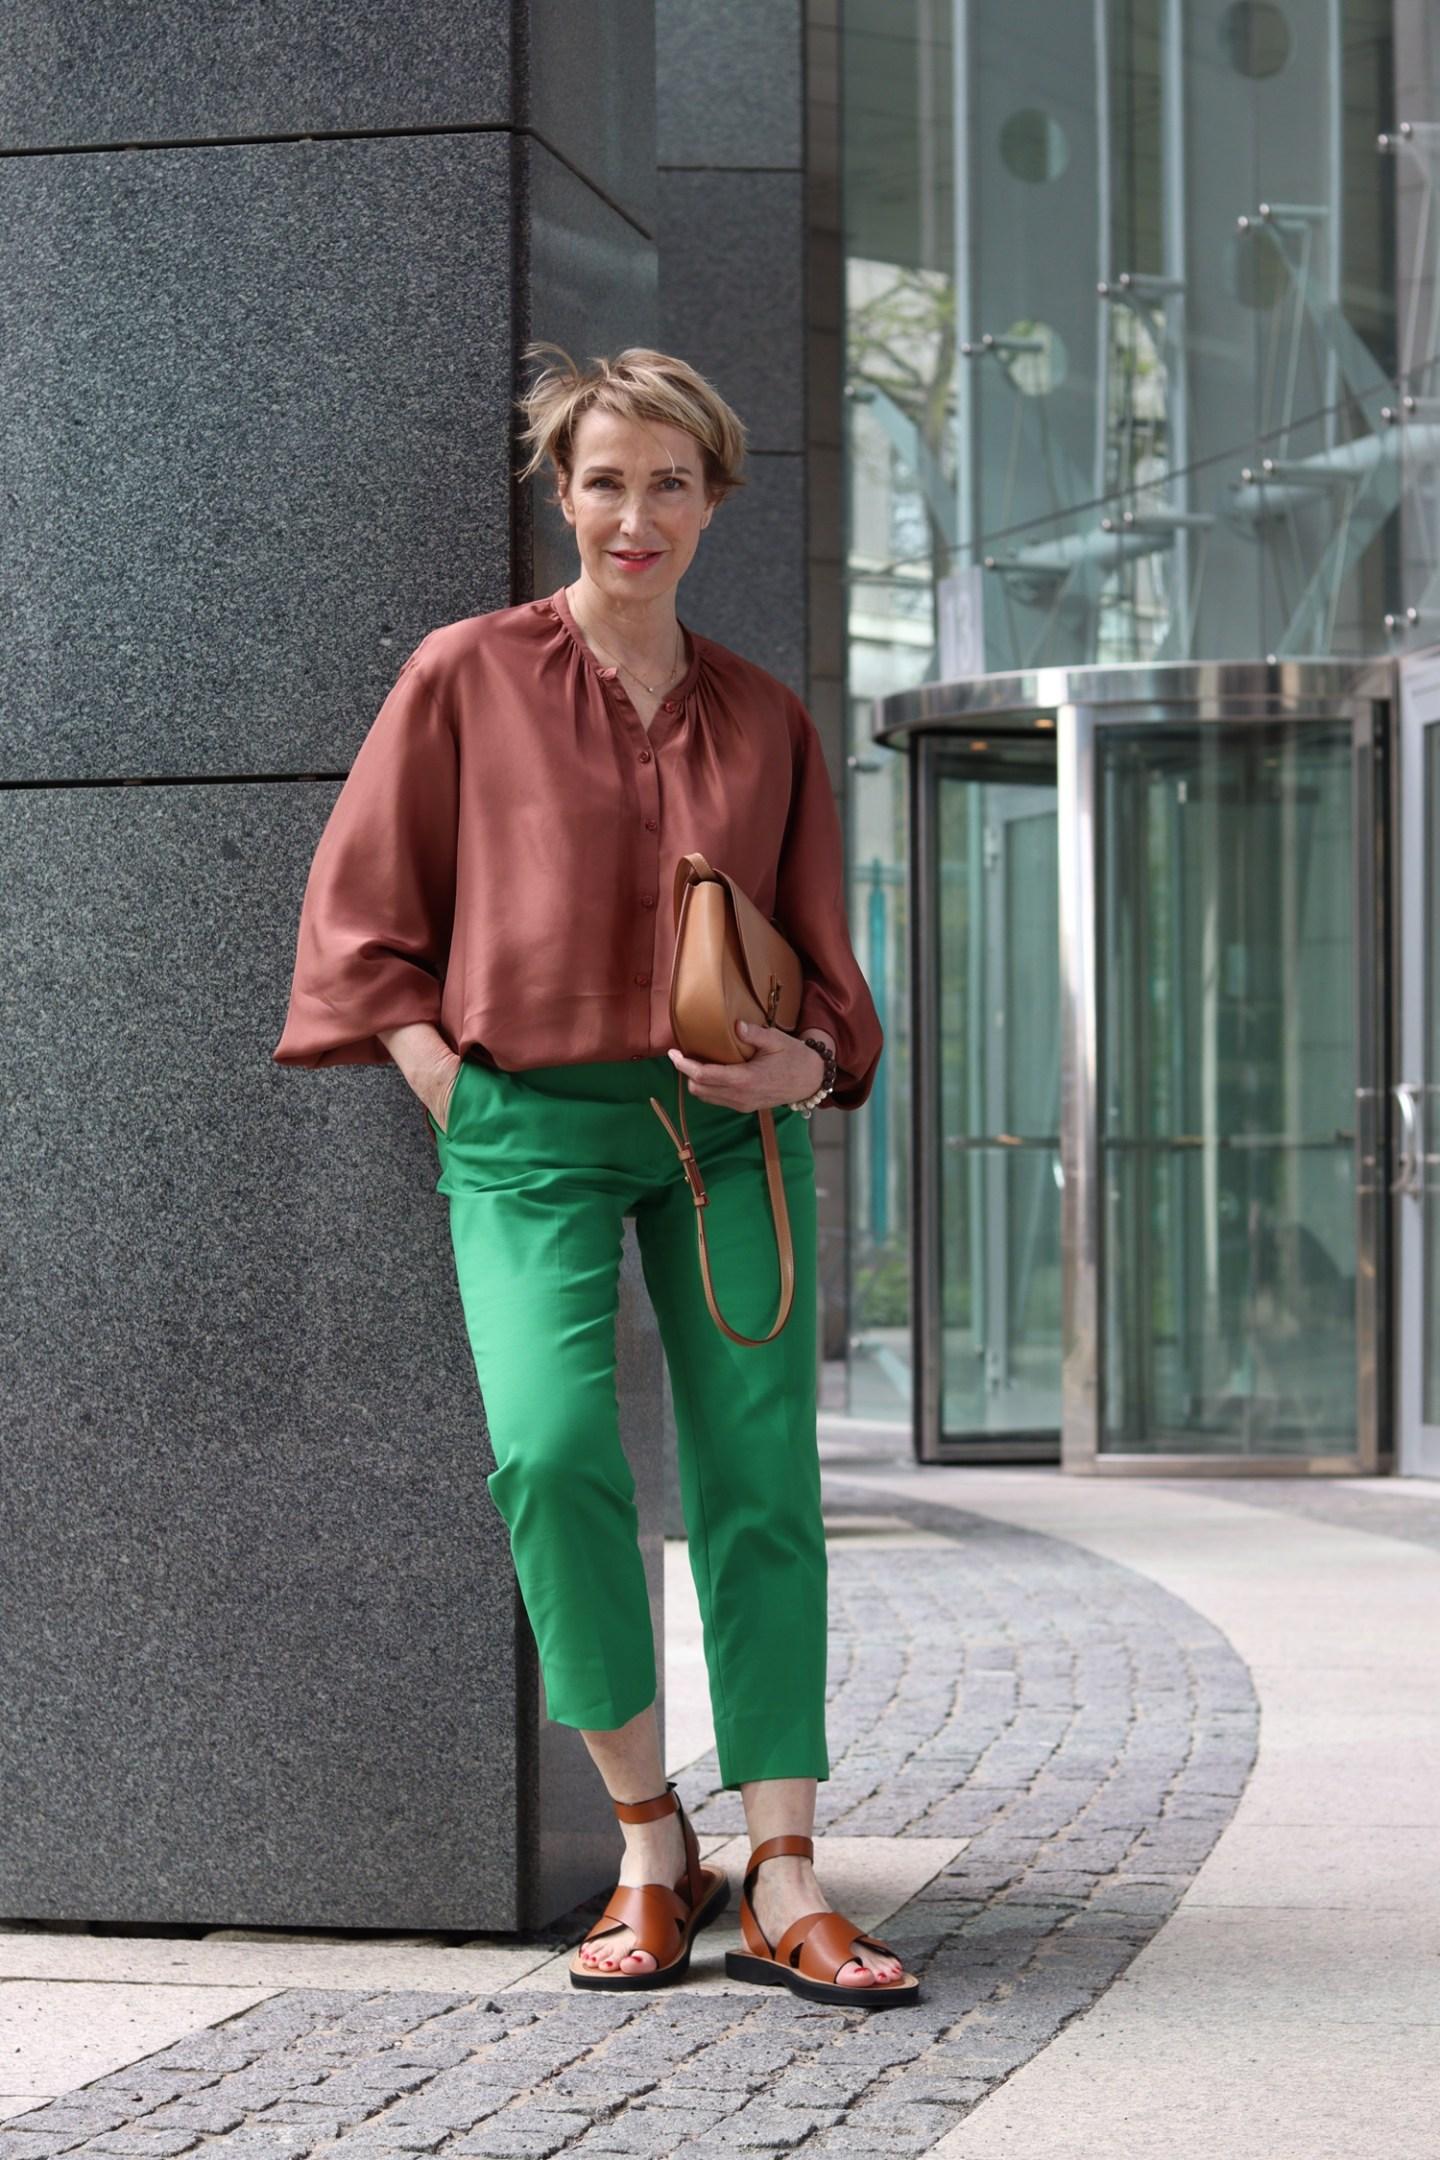 glamupyourlifestyle gruene-hose seidenbluse sommerliches-outfit ue-40-mode ue-50-blog